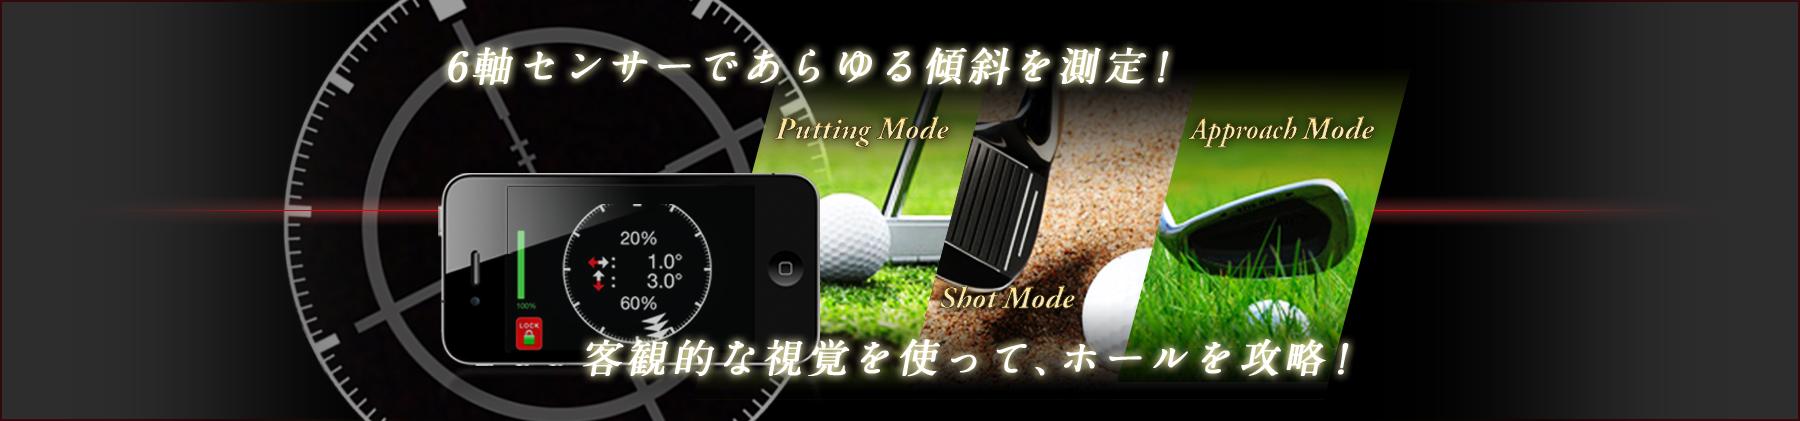 上級指向のゴルファーのためのツールをアプリケーションとして開発 プレイヤー・キャディ・レッスンプロがiPhone/Android端末でグリーンの傾斜などコース上の罠を看破 iTunes/Google Play上でアプリケーション「G-Scale」をリリース